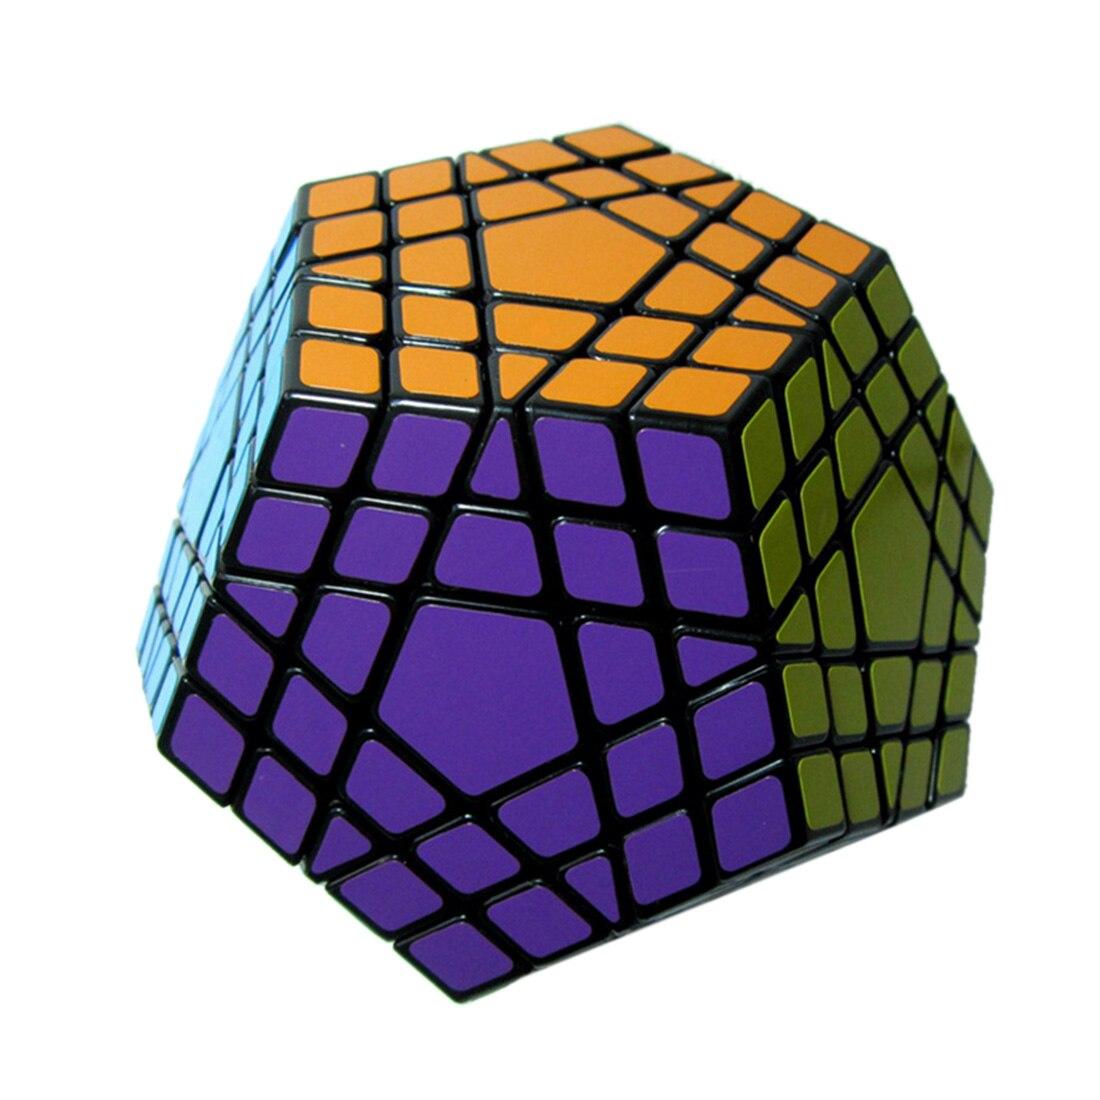 Высокое качество Додекаэдр 12 Двусторонняя Скорость Magic Cube 5 Слои головоломка 5x5 головоломки Развивающие игрушки для детей